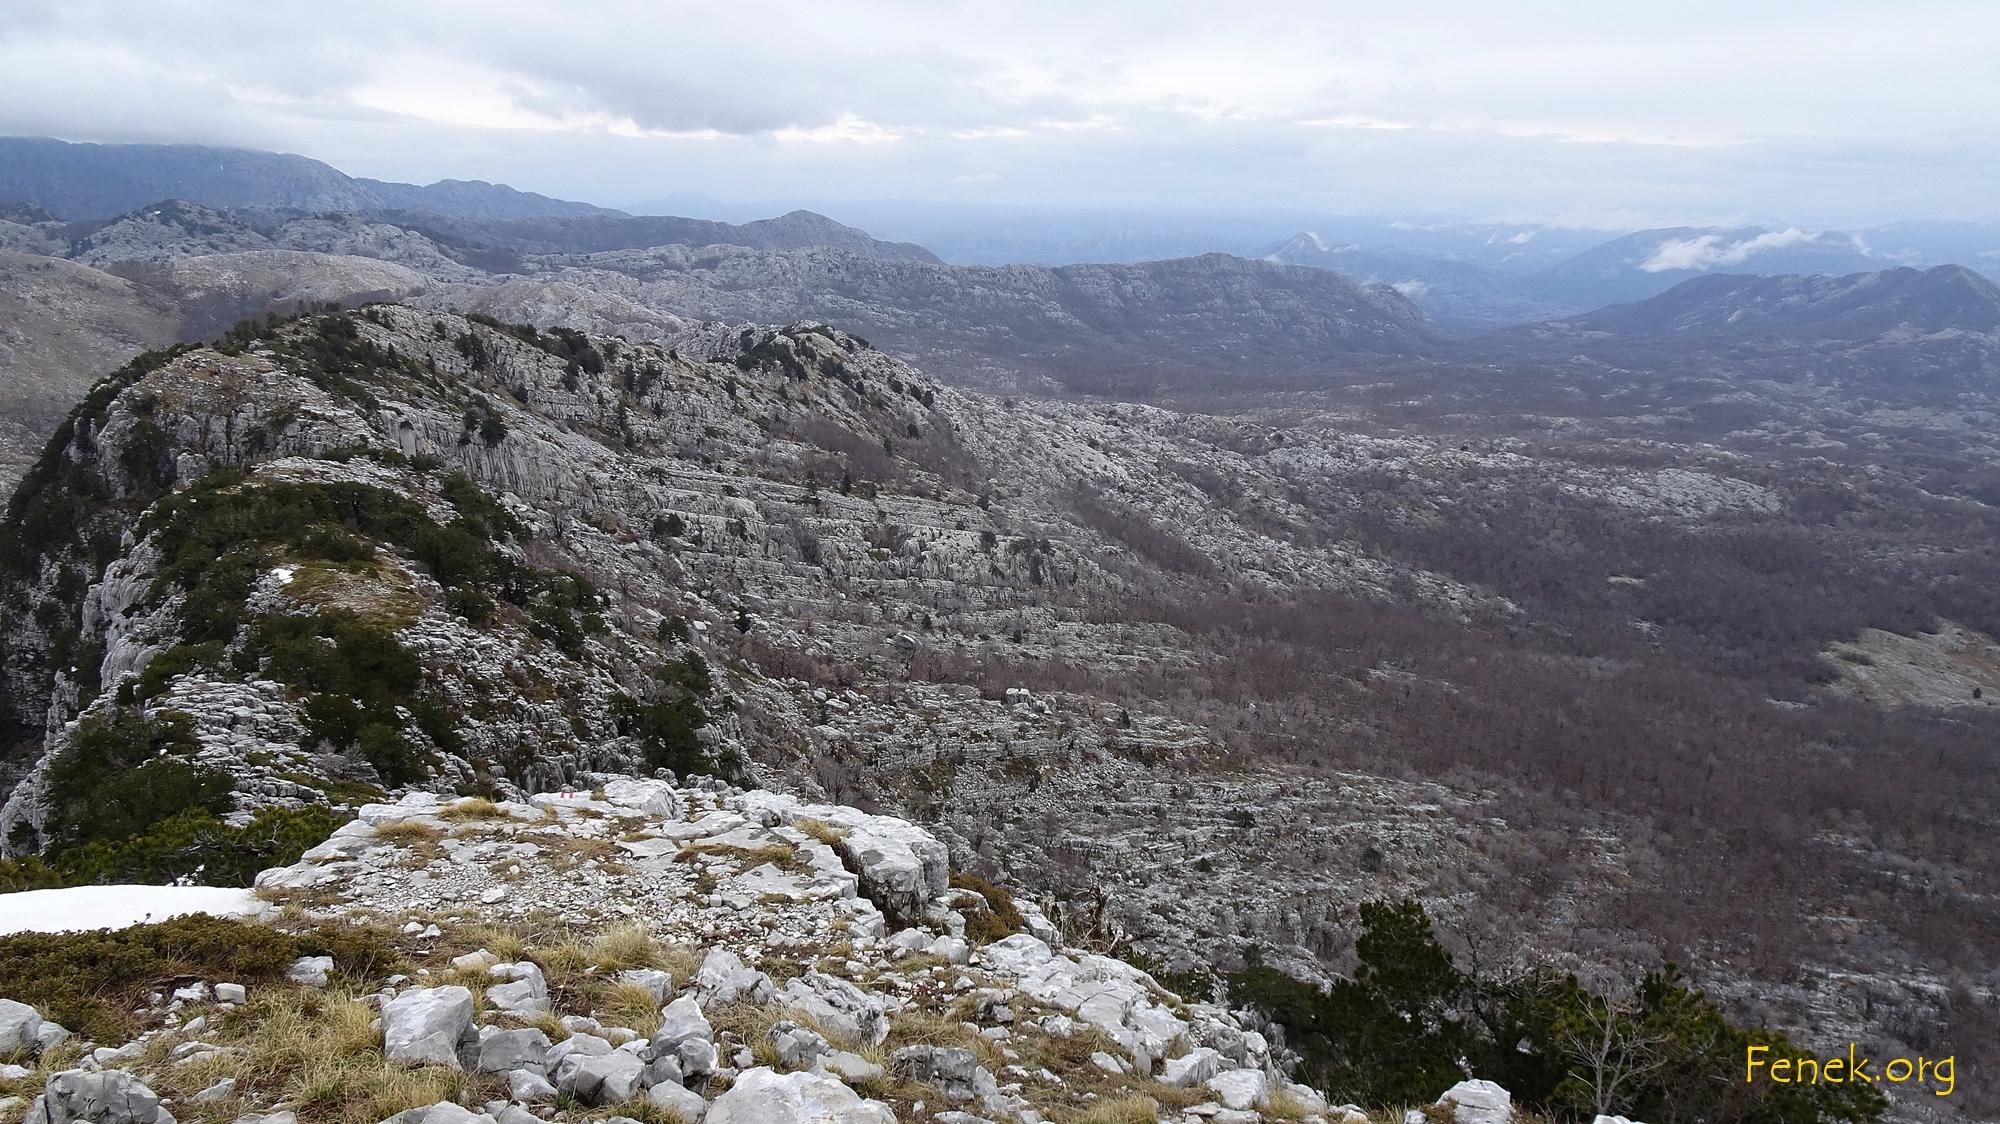 spanndender Weiterweg vom Gipfel - das war der schönste Teil